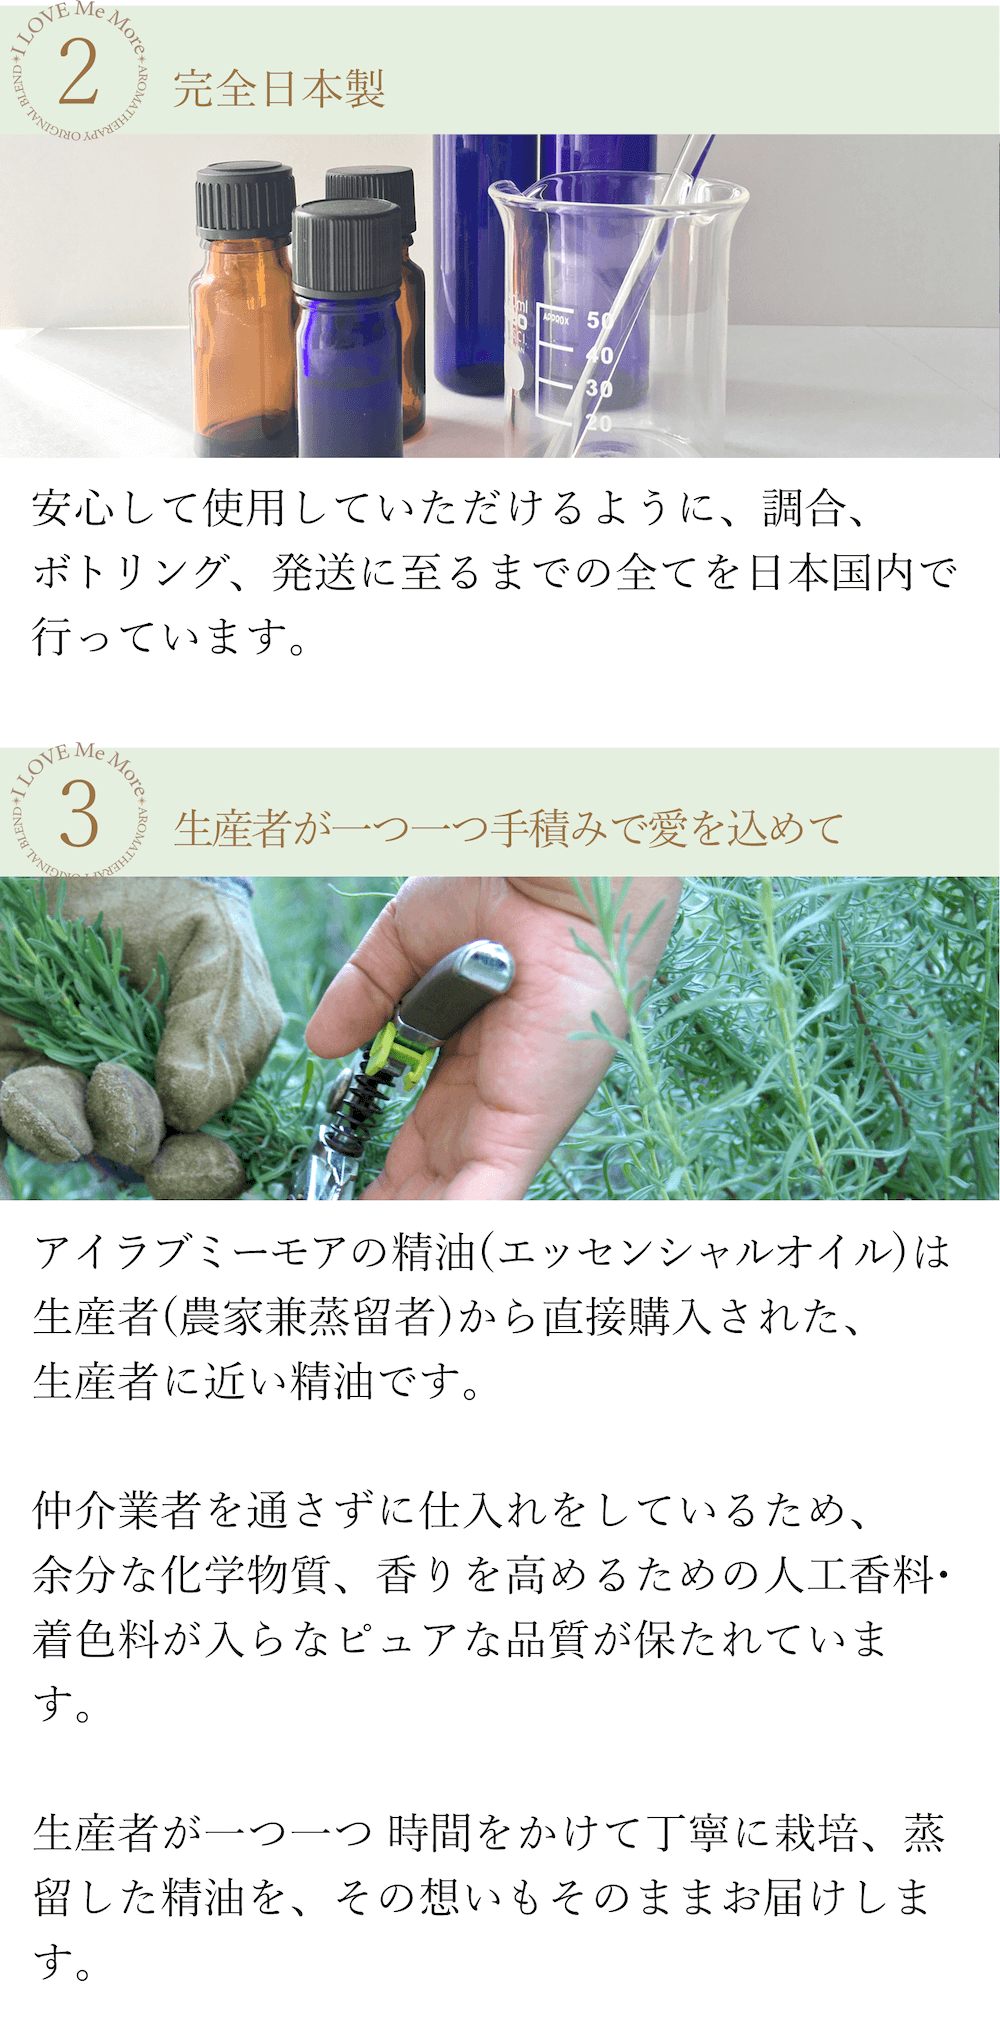 ②完全日本製 化粧品や医薬品を製造する際の原材料として使用できるグレードの精油を使用し、調合、ボトリング、発送に至るまですべて日本国内で行っています。希釈してお肌に塗布しても安心・安全な高品質です。 ③生産者が一つ一つ手積みで愛を込めて アイラブミーモアの精油(エッセンシャルオイル)は生産者(農家兼蒸留者)から直接購入された、生産者に近い精油です。仲介業者を通さず に仕入れをしているため、余分な化学物質、香りを高めるための人工香料・着色料が入らないピュアな品質が保たれています。生産者が一つ一つ 時間をかけて丁寧に栽培、蒸留した精油を、その想いもそのままお届けします。